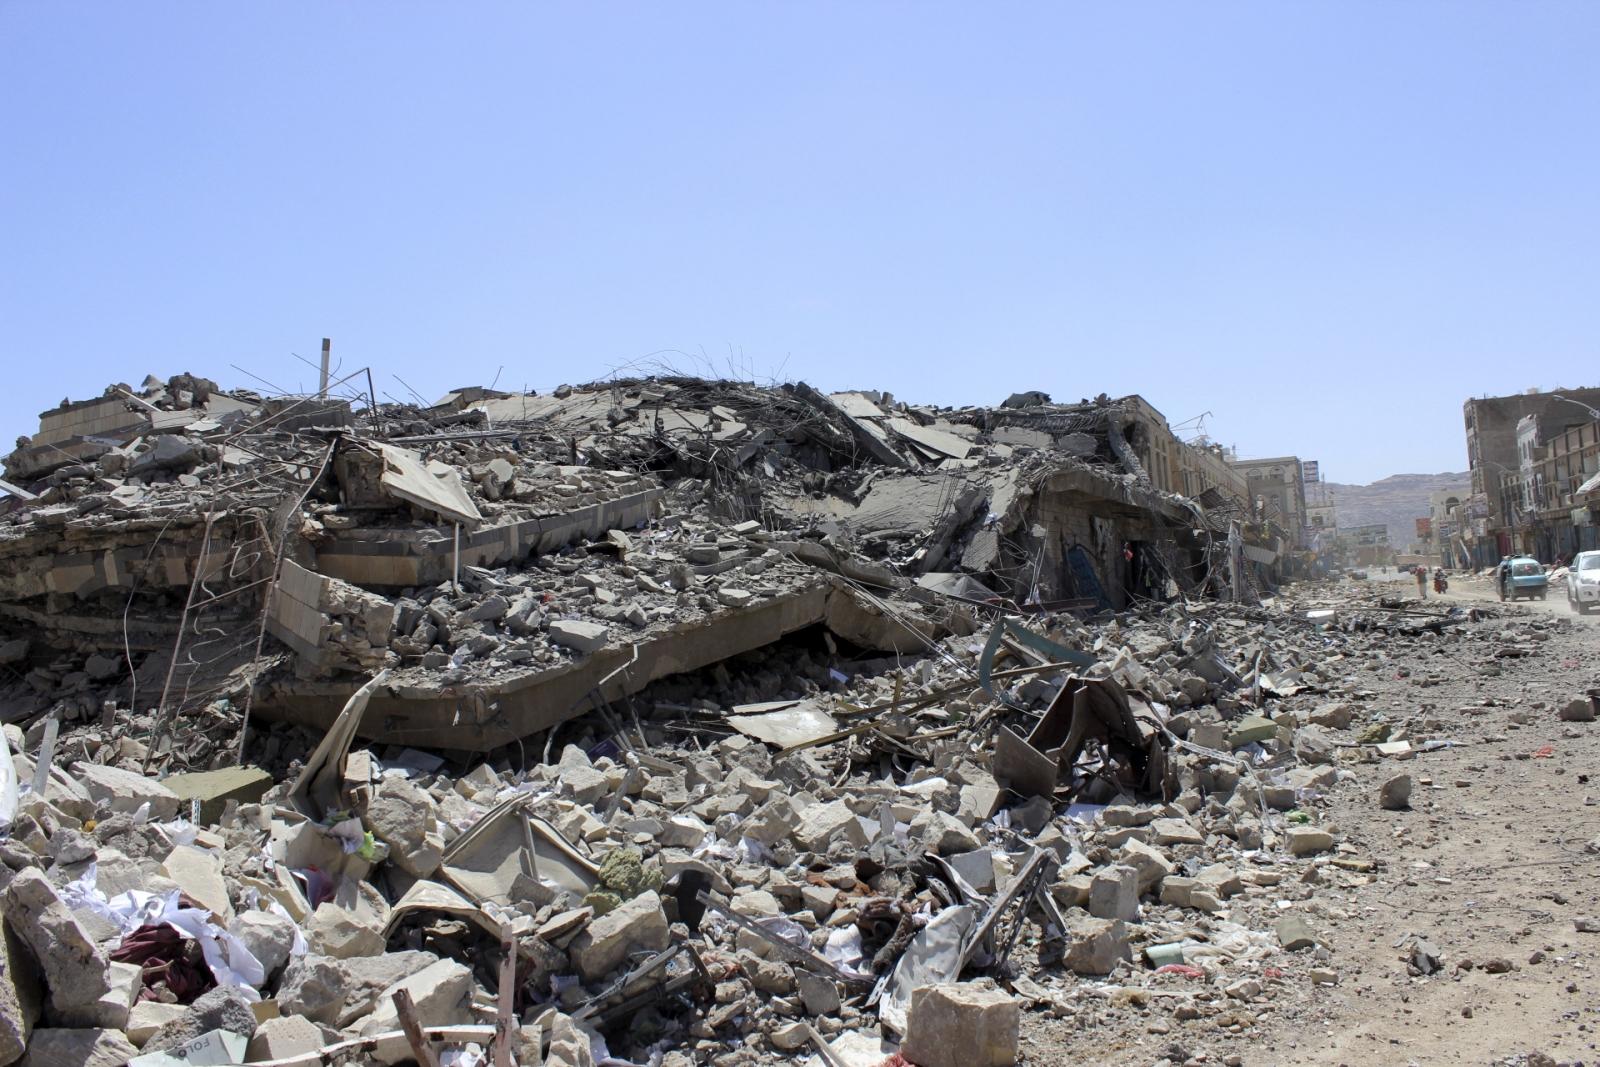 UN talks over Yemen crisis postponed